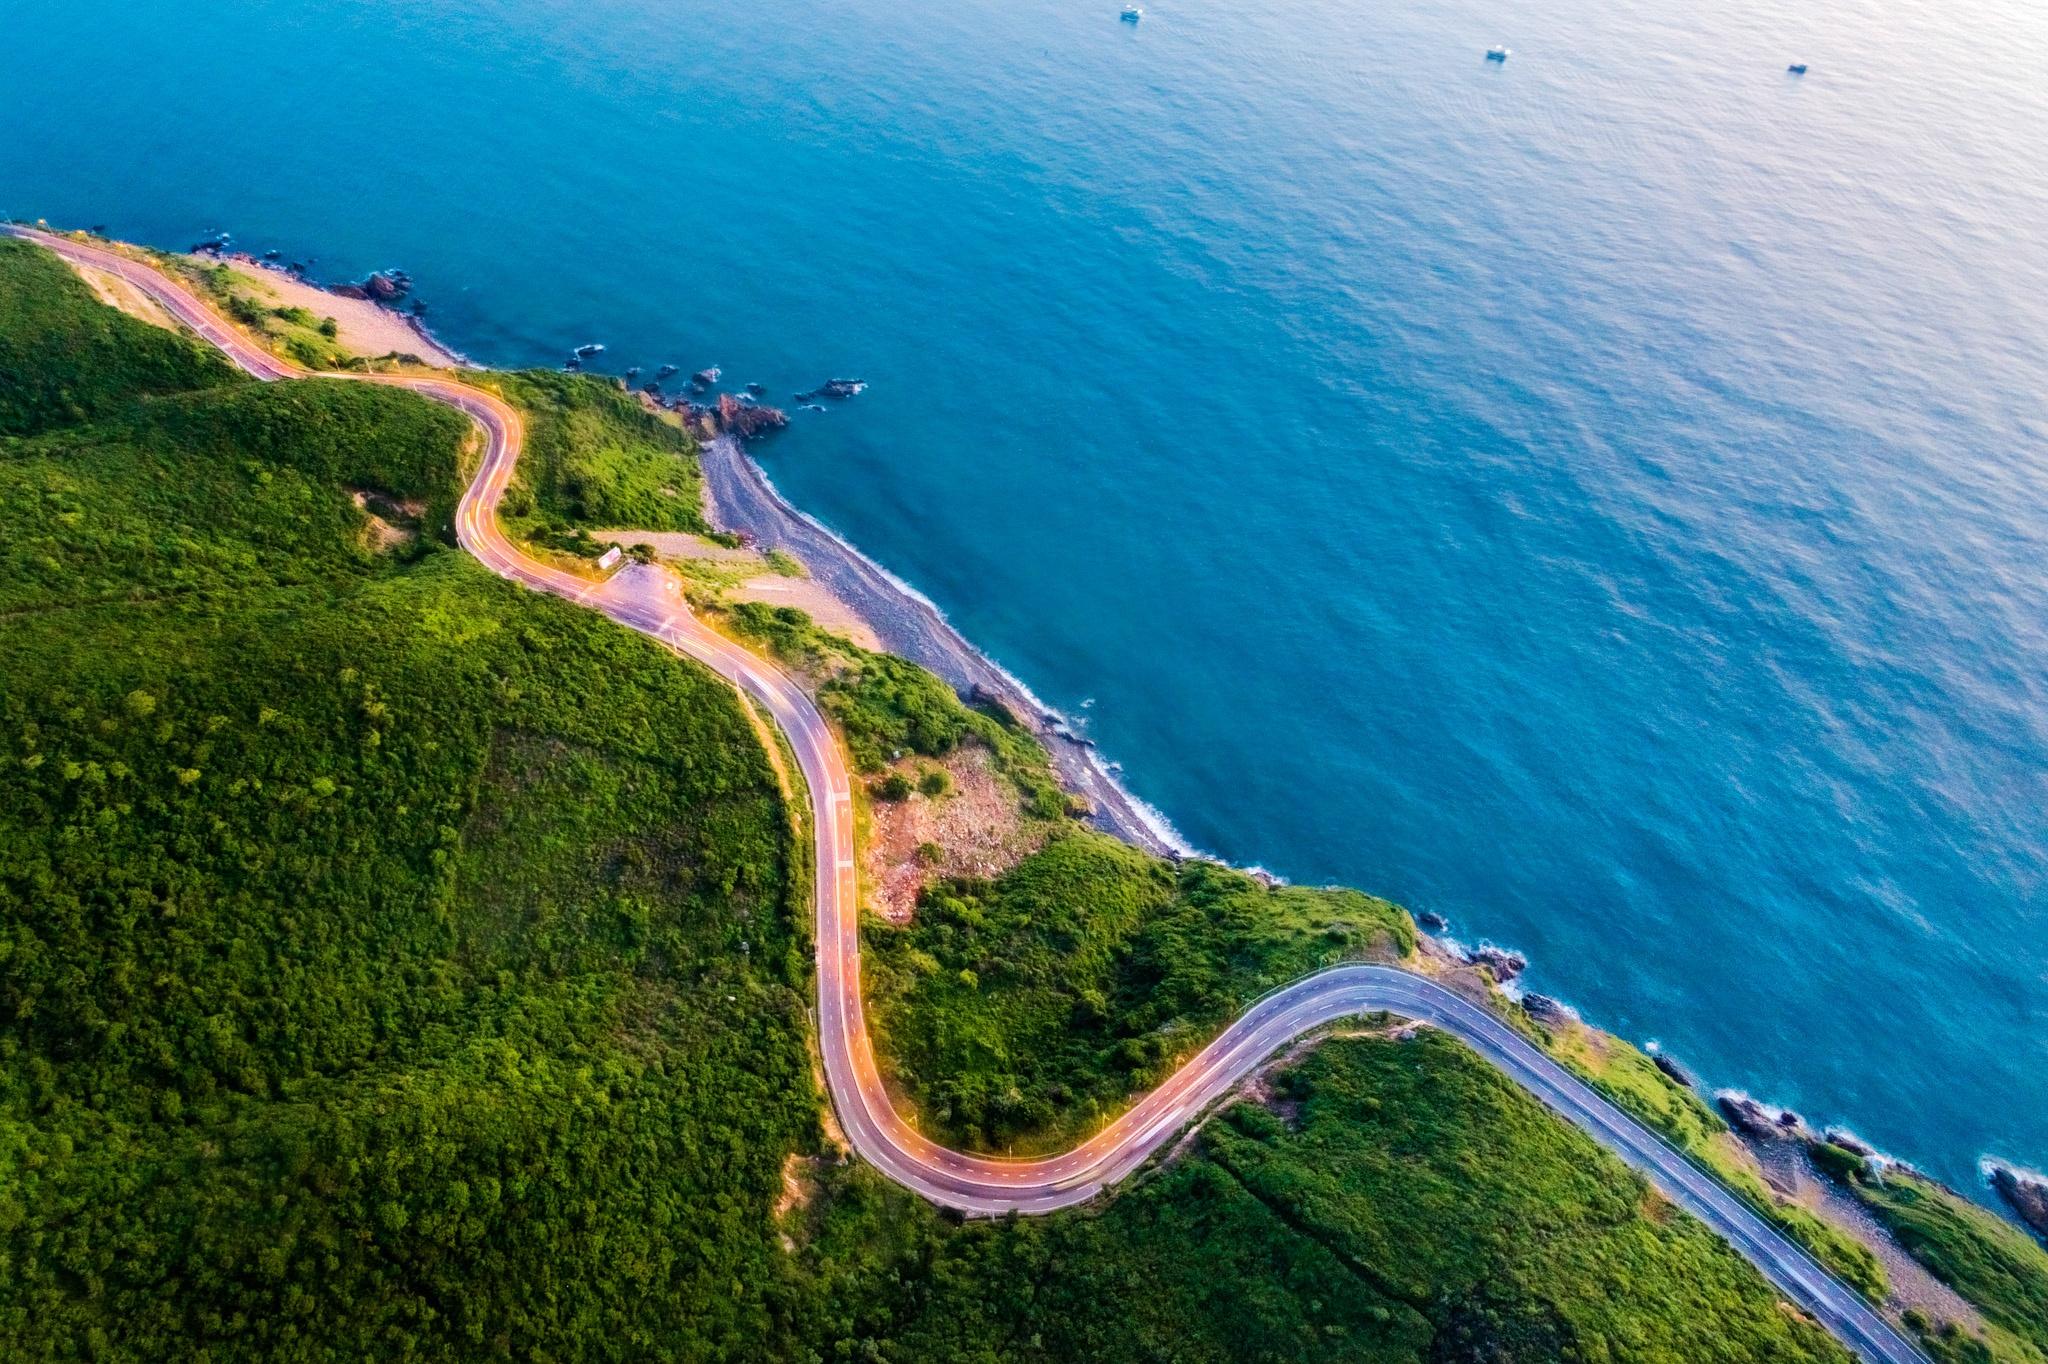 Chuyến đi mùa hè đến thiên đường biển đảo Nha Trang - Ảnh 8.